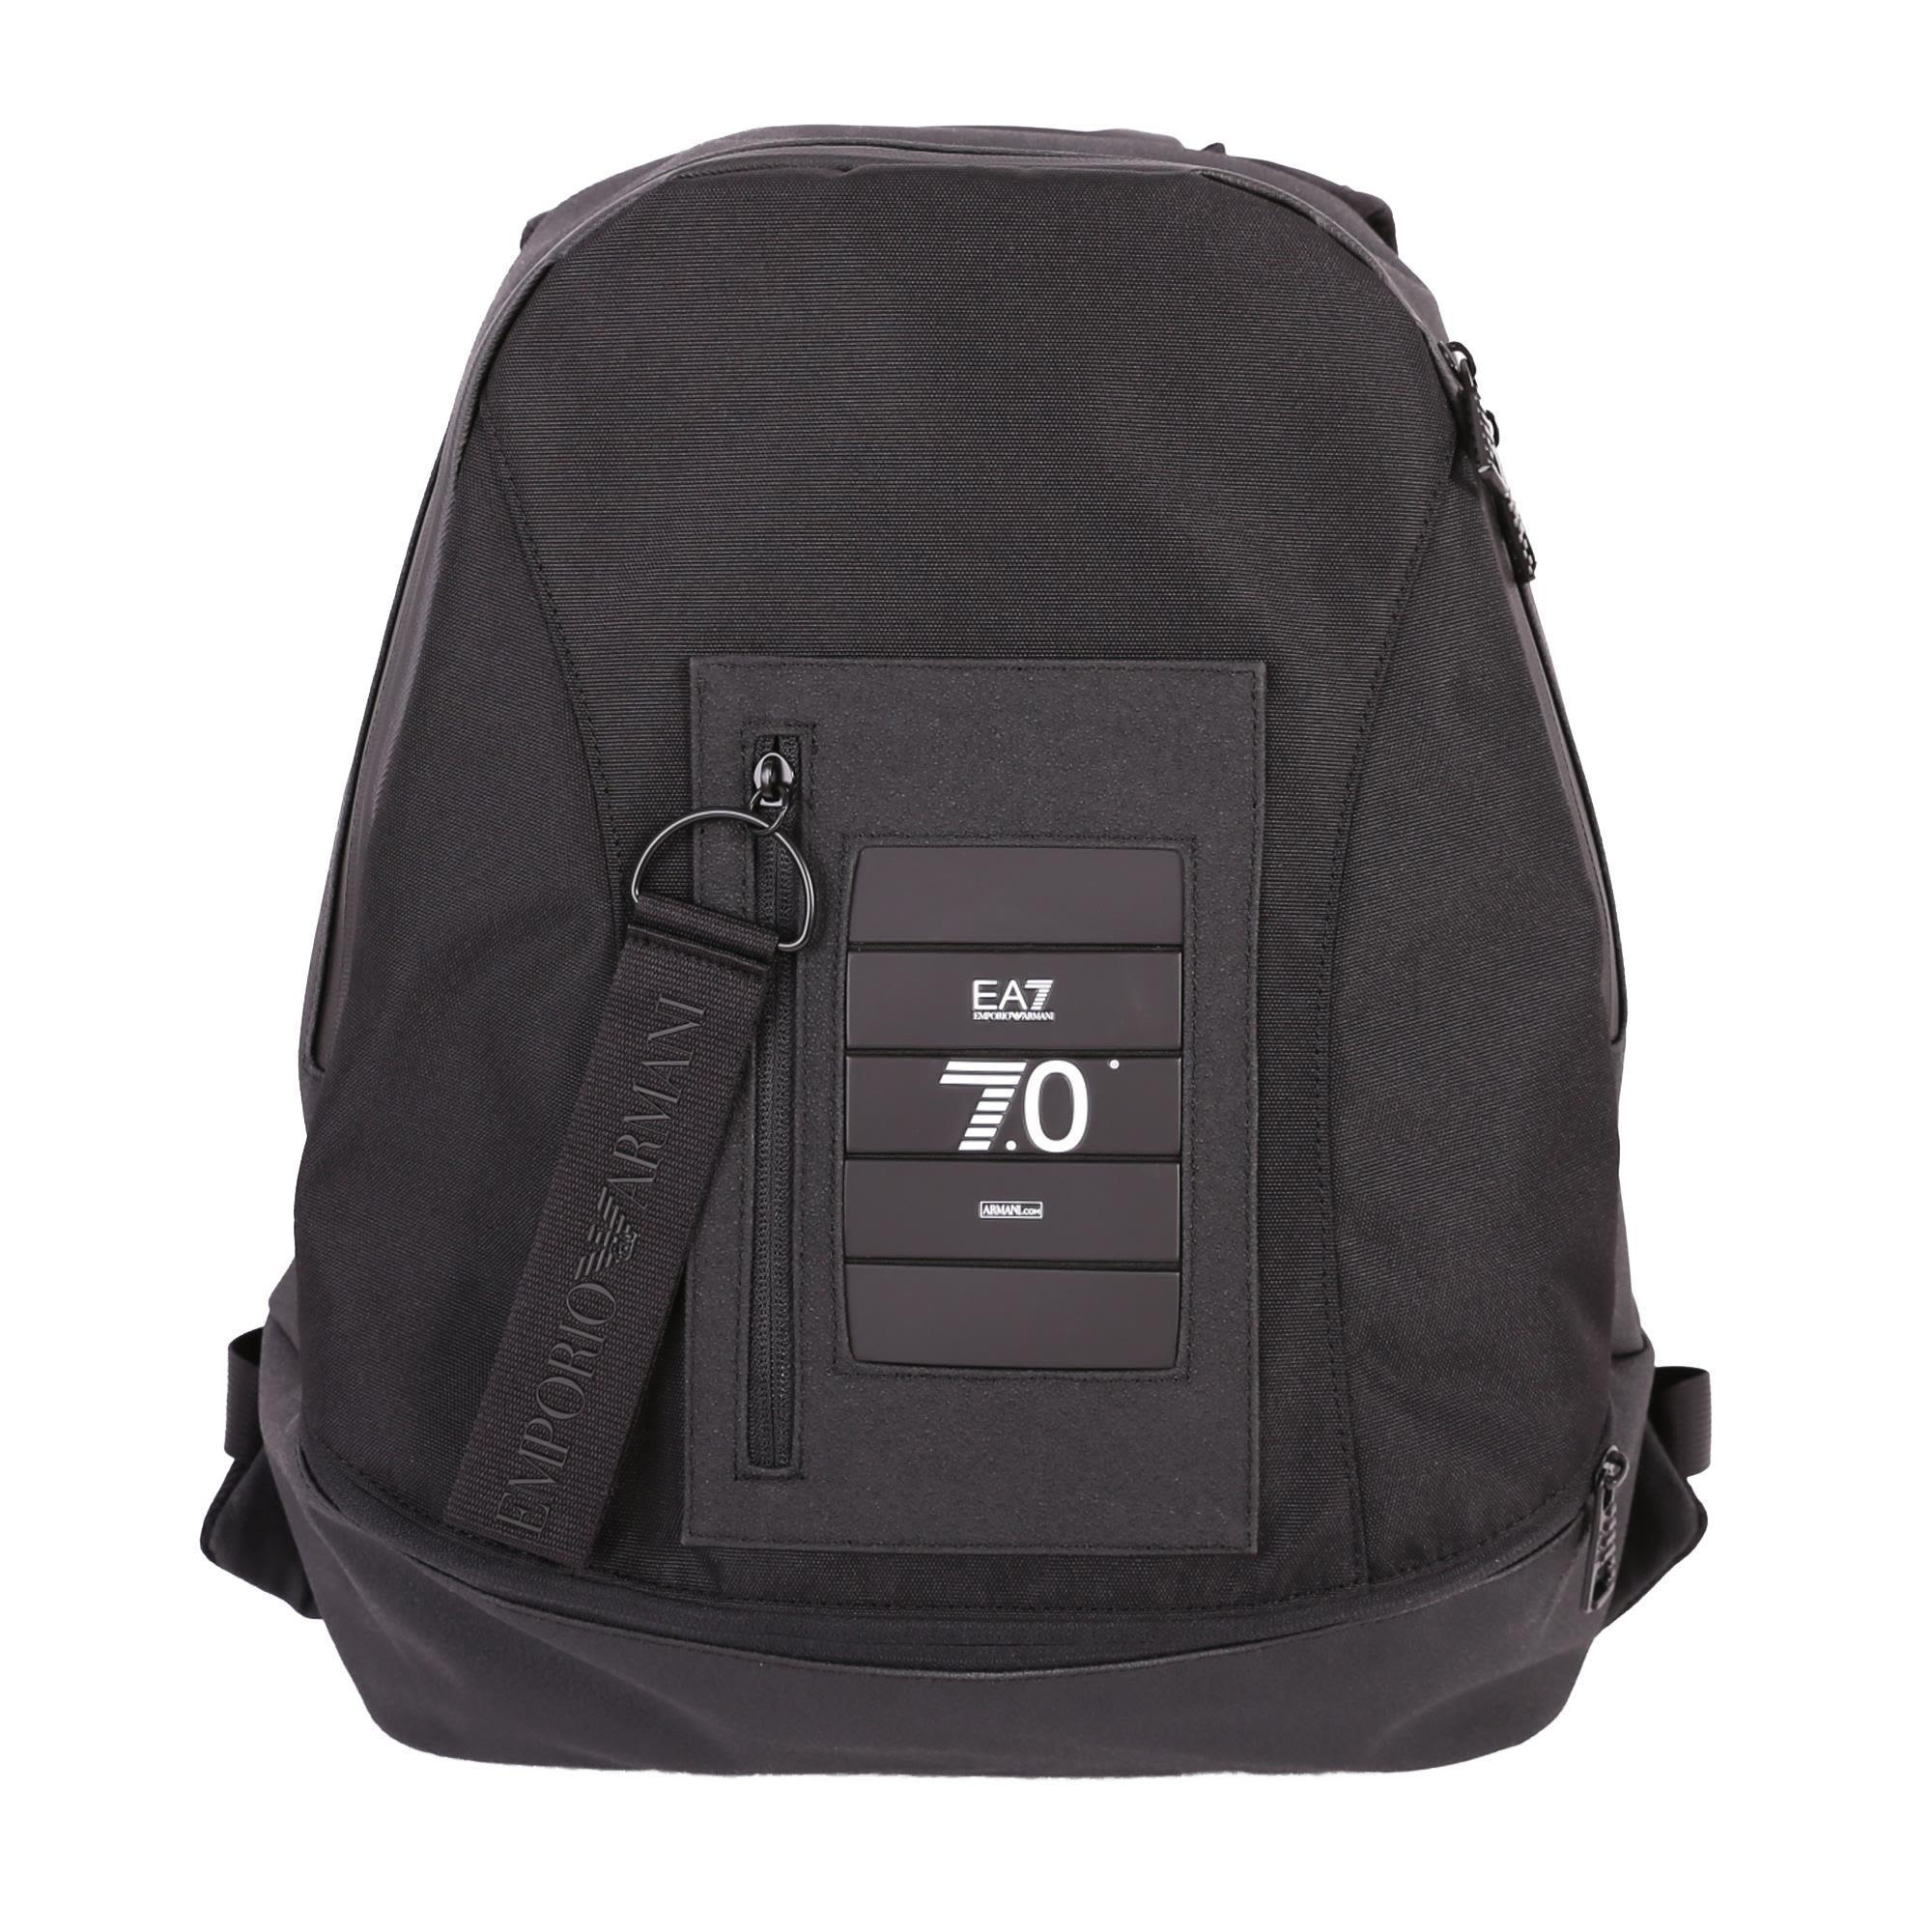 Ea7 Backpack In Black